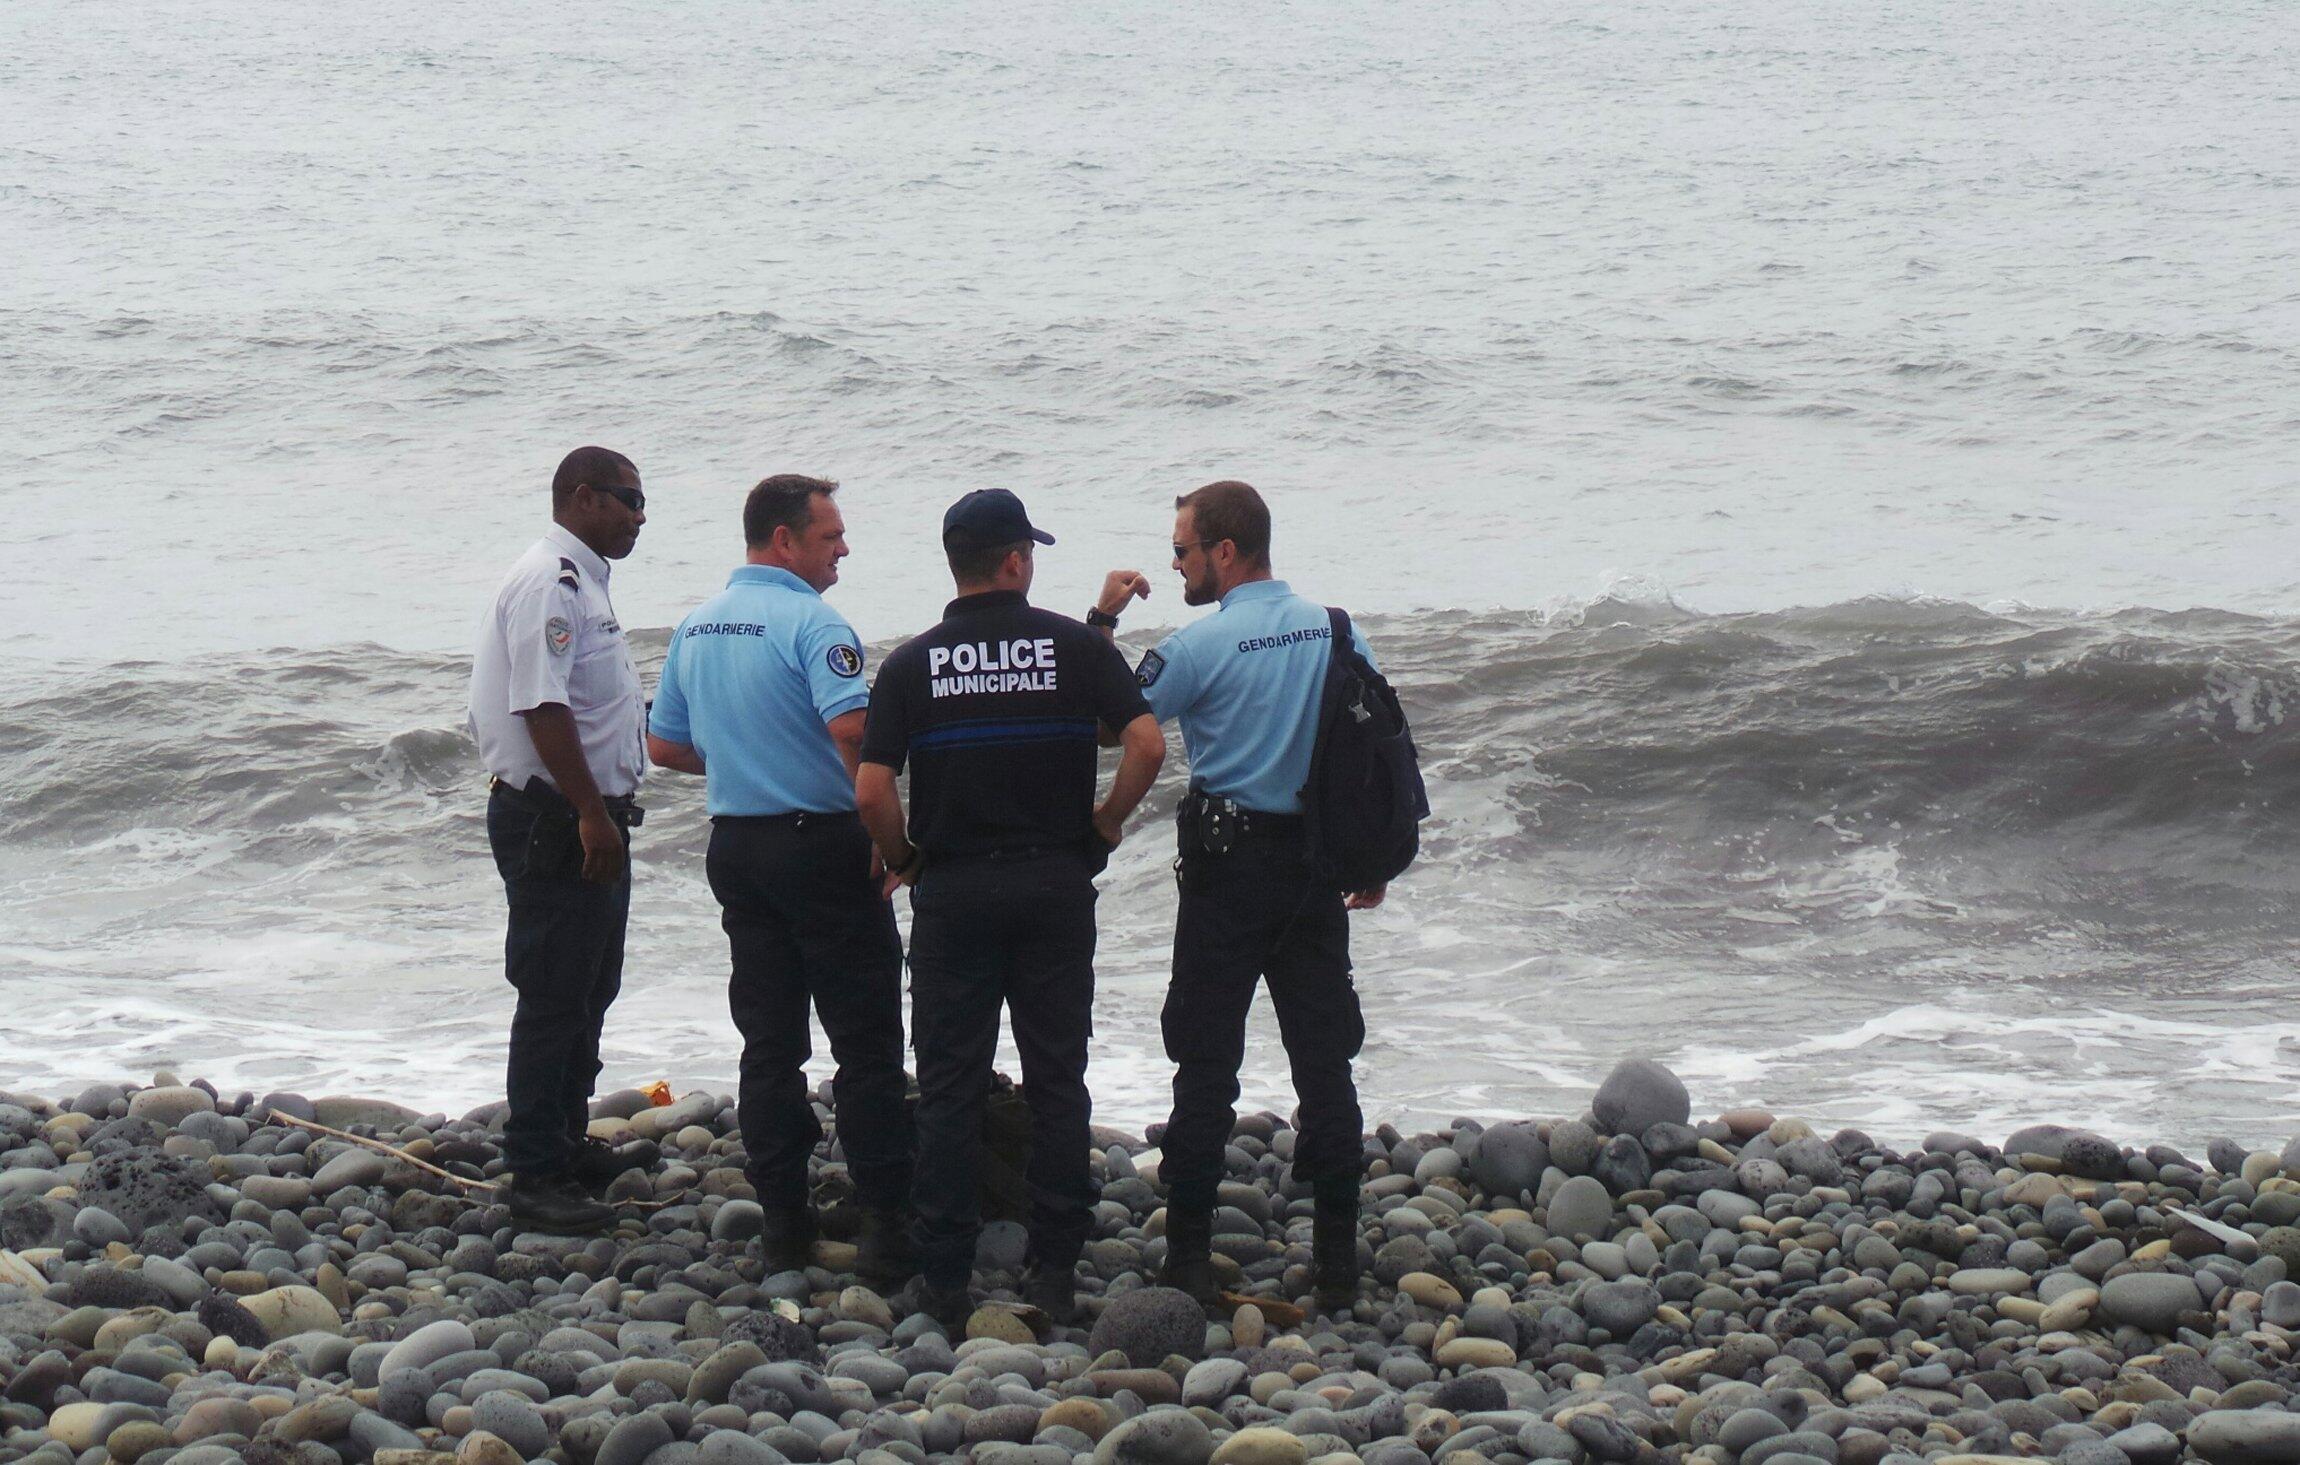 Investigadores franceses conversam na praia em que foi encontrado destroço, na Ilha da Reunião